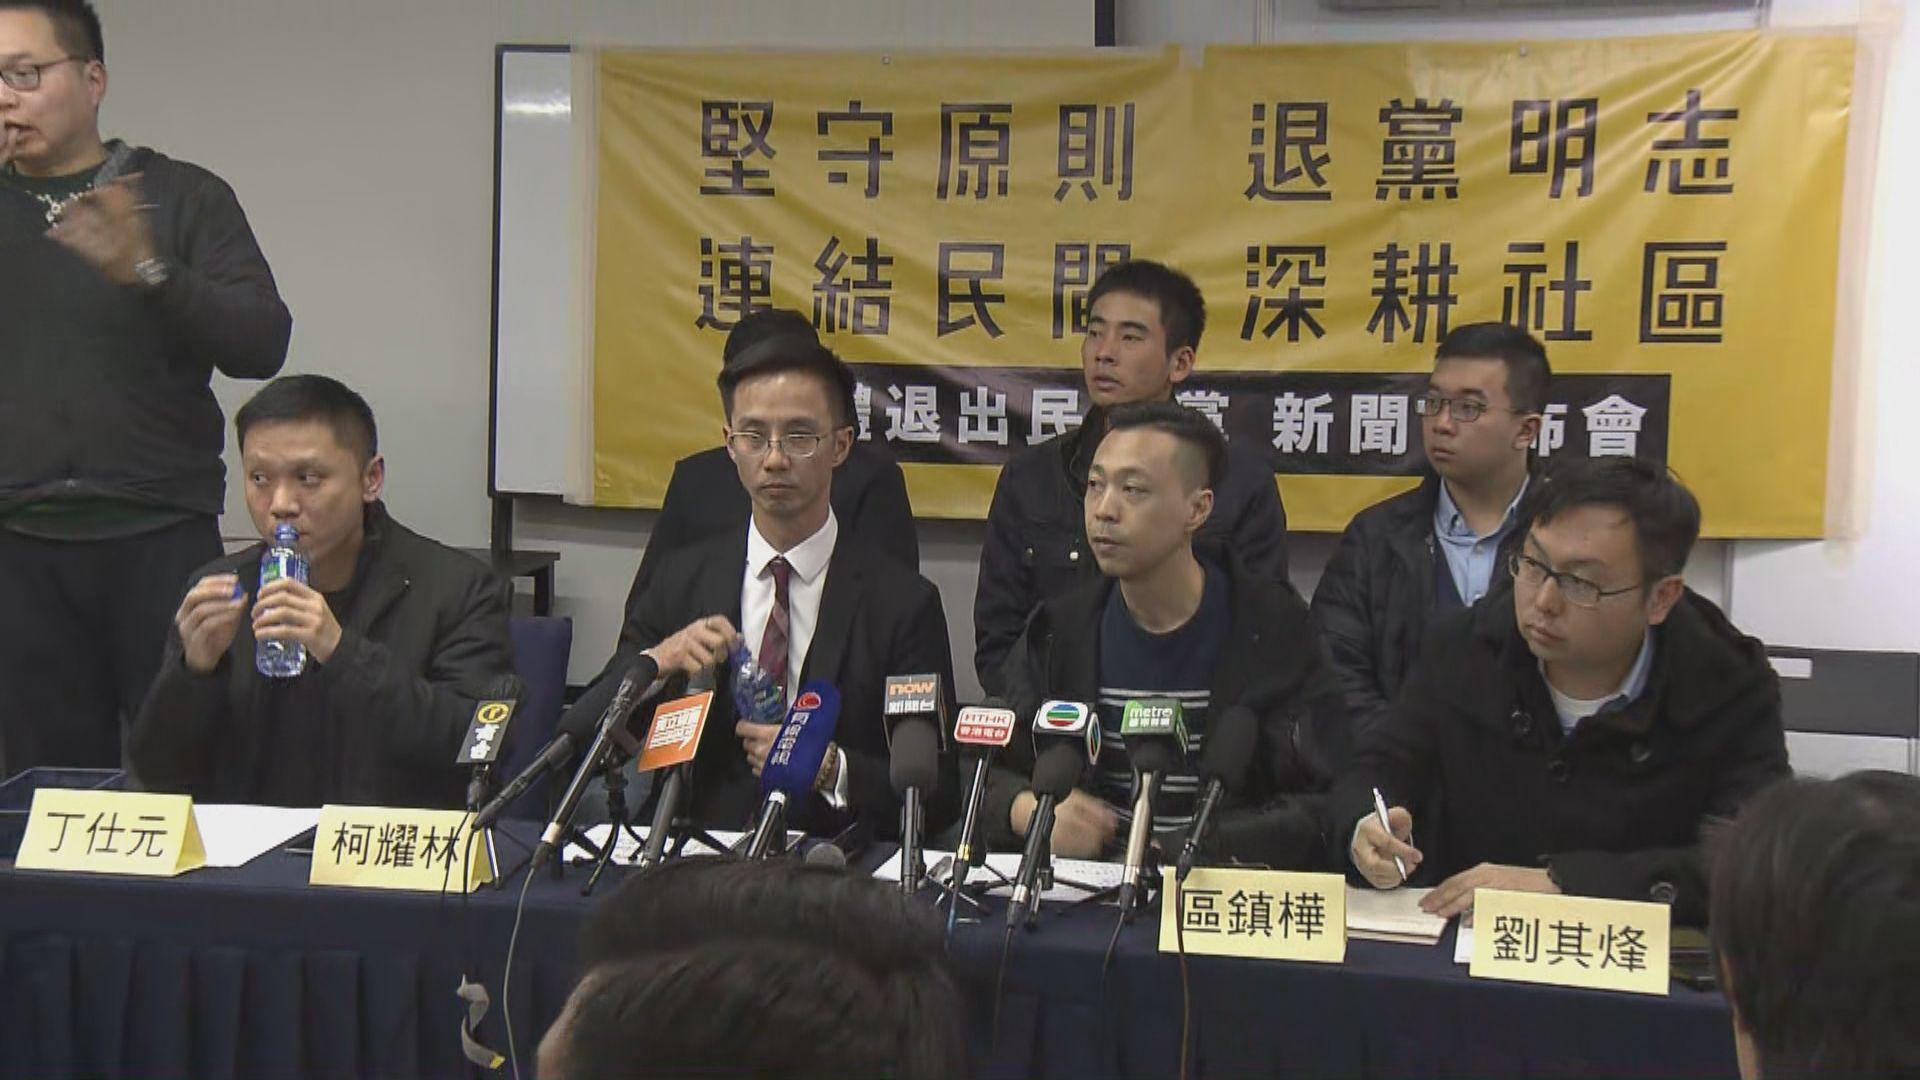 民主黨主席胡志偉:尊重黨員退黨決定